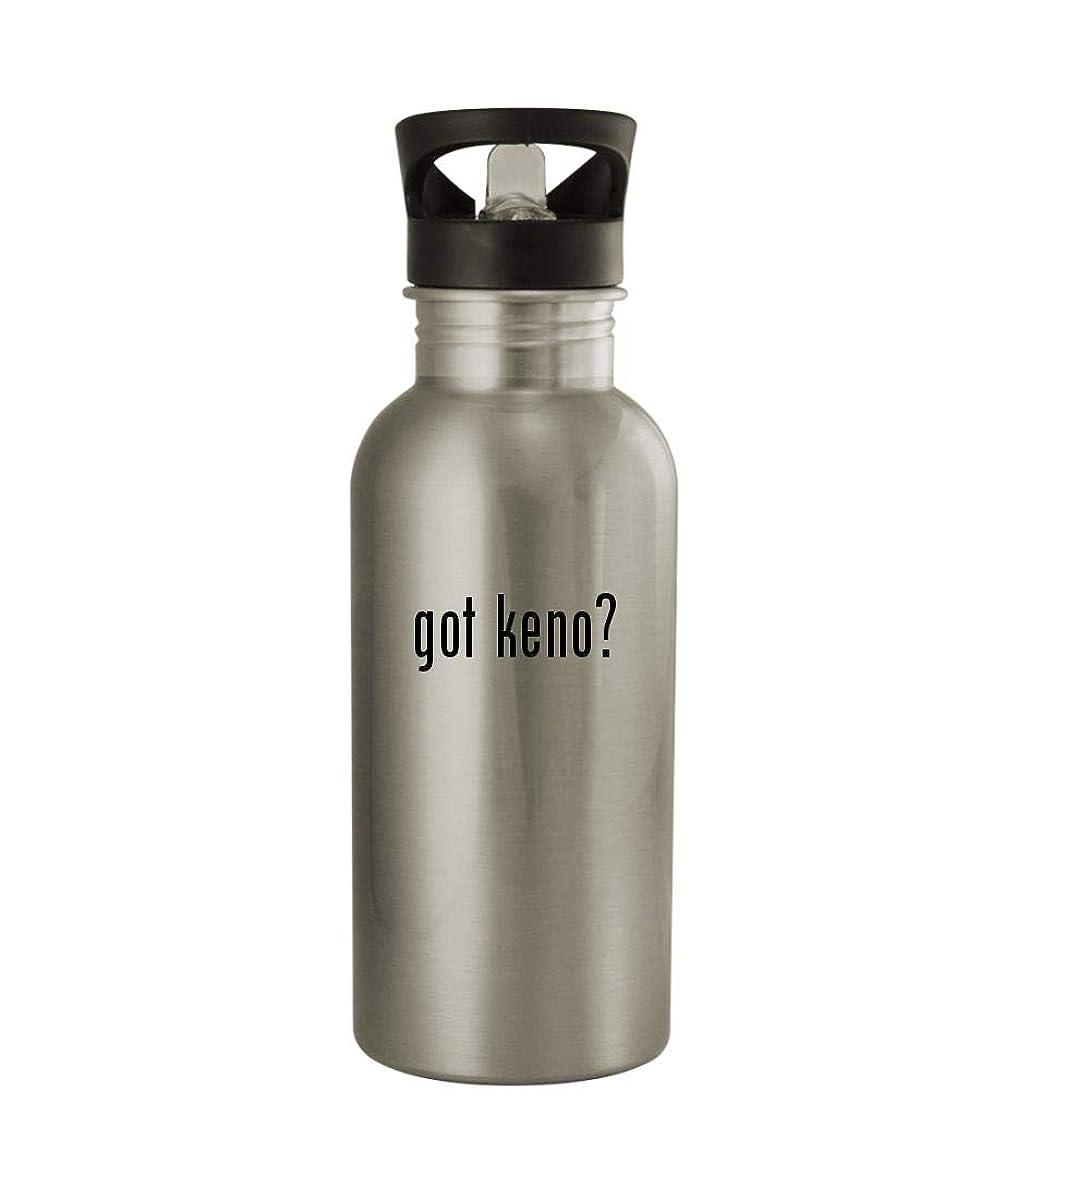 Knick Knack Gifts got Keno? - 20oz Sturdy Stainless Steel Water Bottle